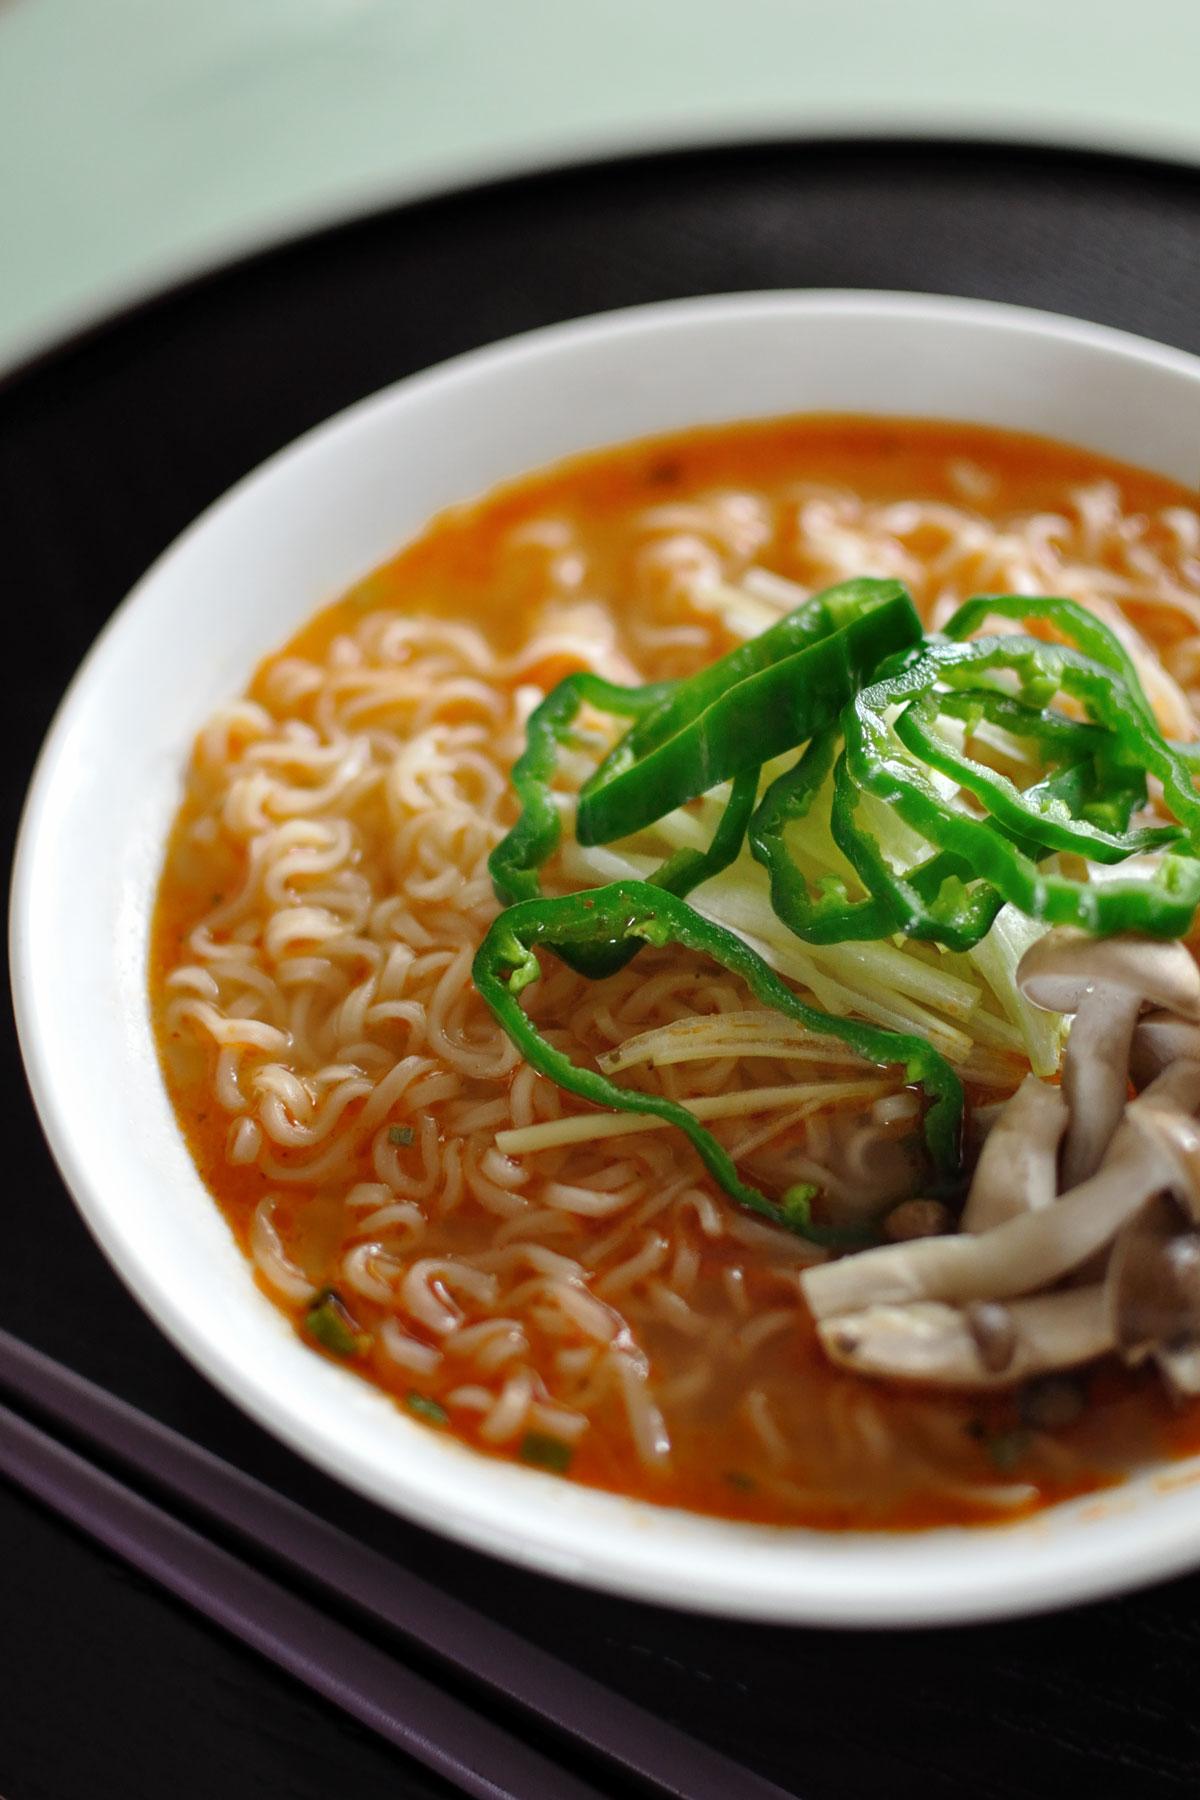 キャン・ドゥで買ったトムヤム麺 長ネギの細切り、シメジ、ピーマンをトッピングして丼に盛り付け